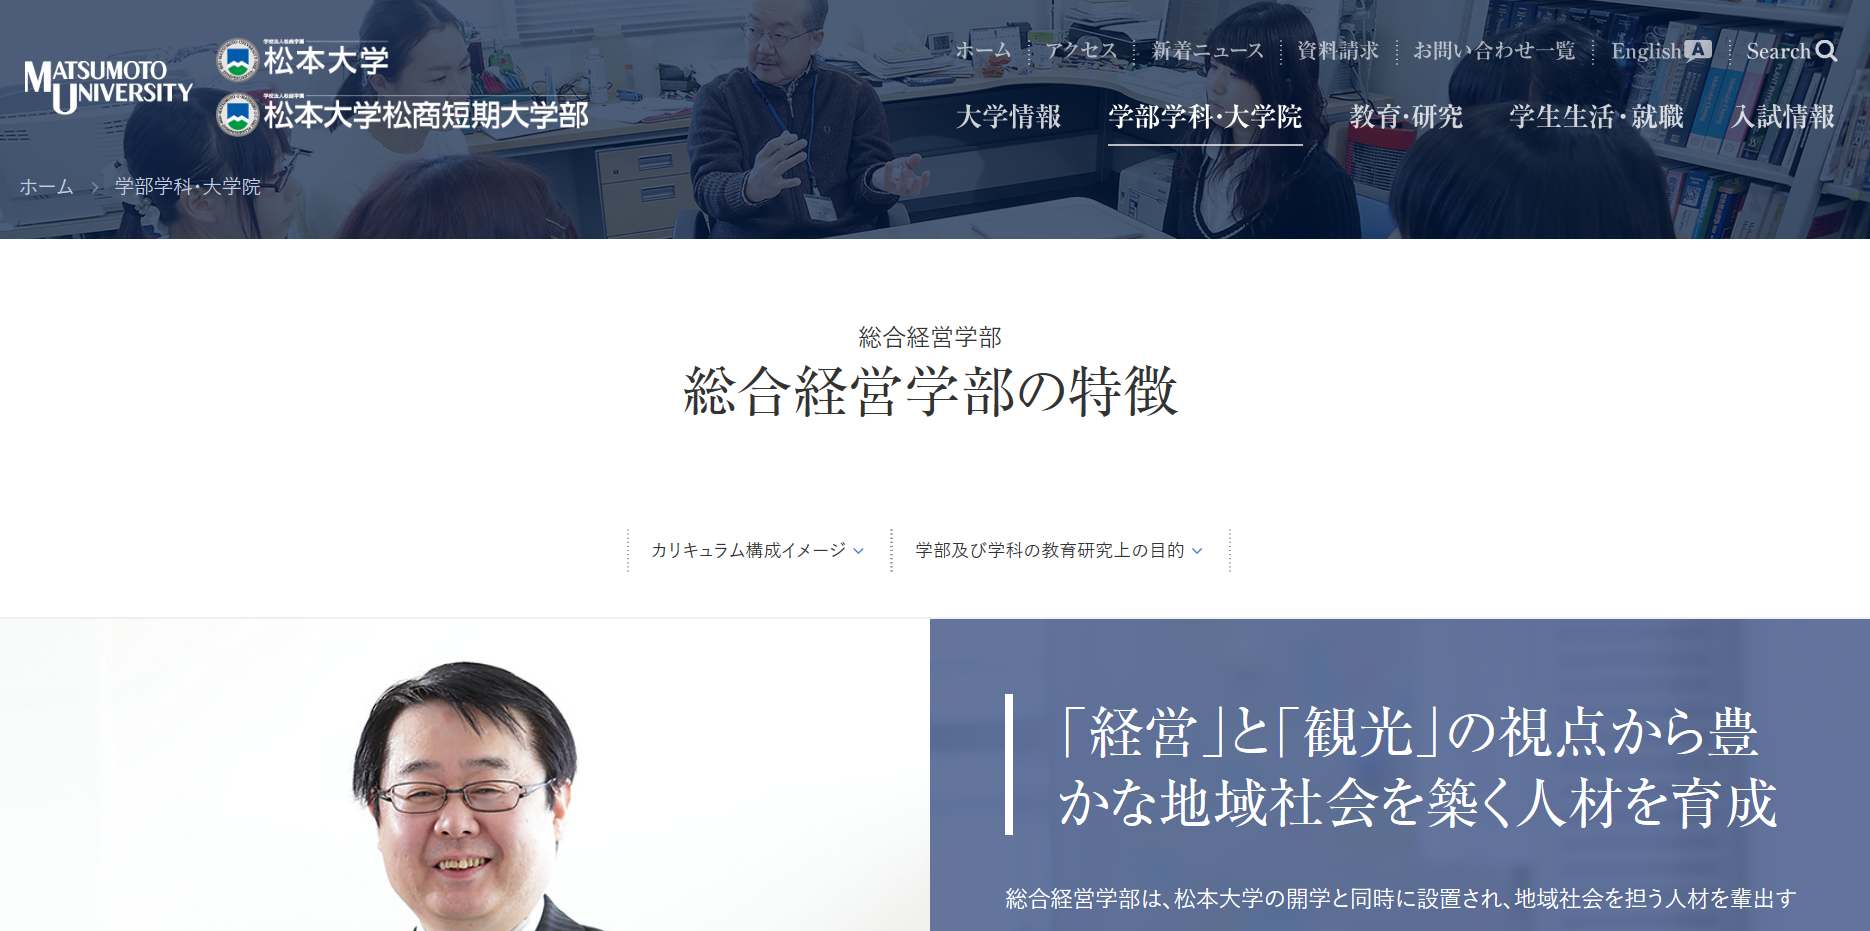 松本大学の評判・口コミ【総合経営学部編】